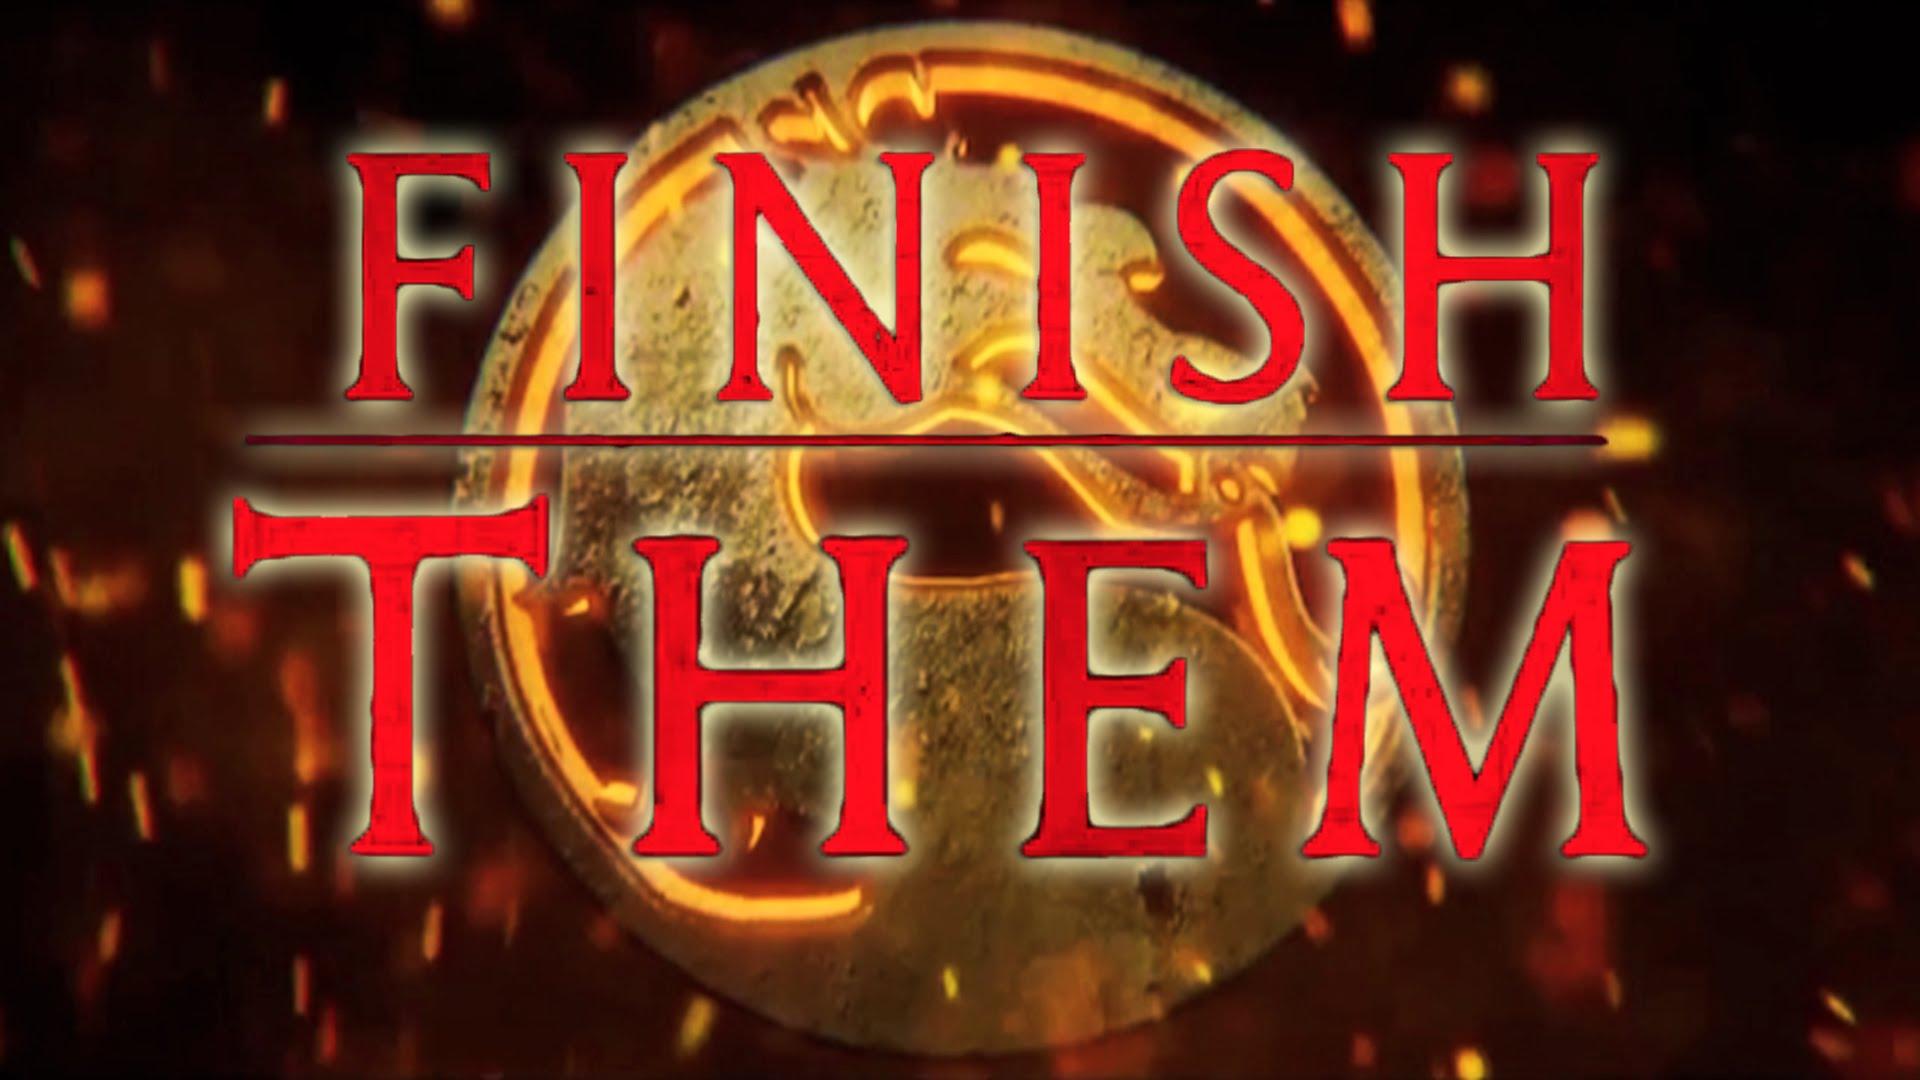 finish them